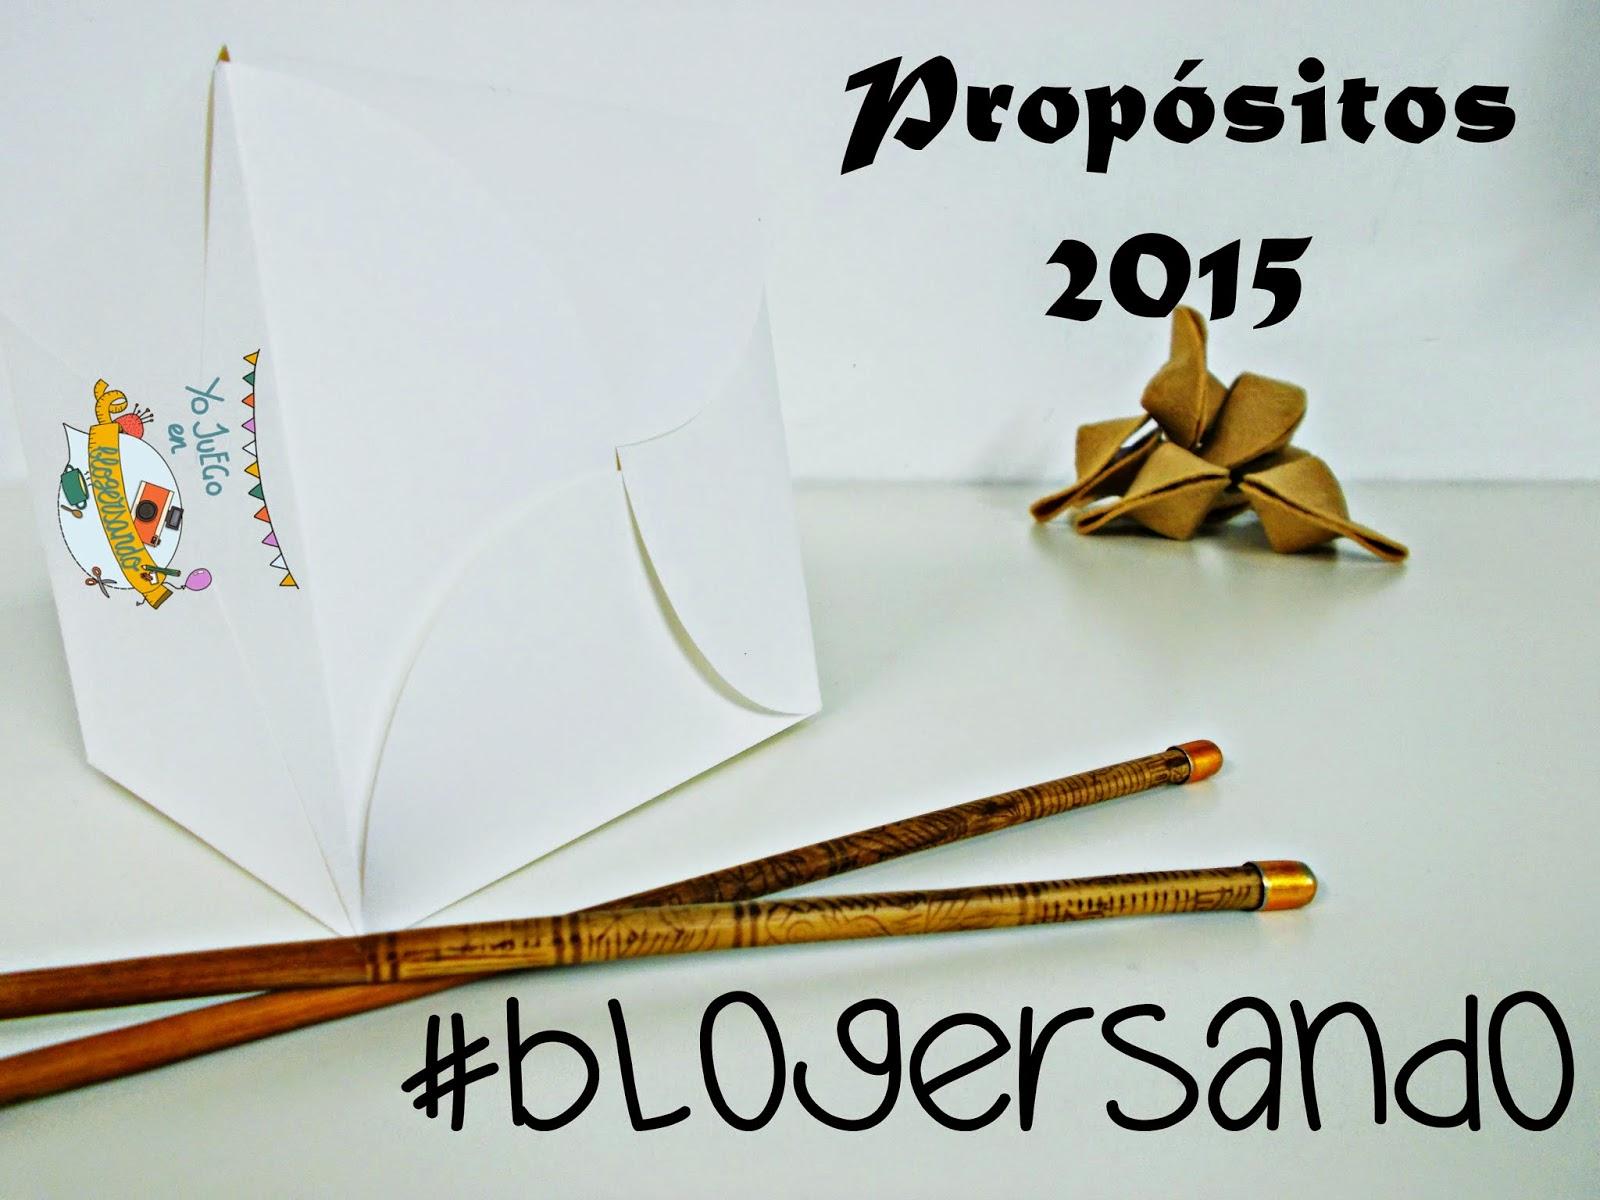 #BLOGERSANDO-diy-propósitos 2015-propósitos año nuevo-galletas de la fortuna-fieltro-papiroflexia-japonés-galletas de la suerte-deseos- (1)